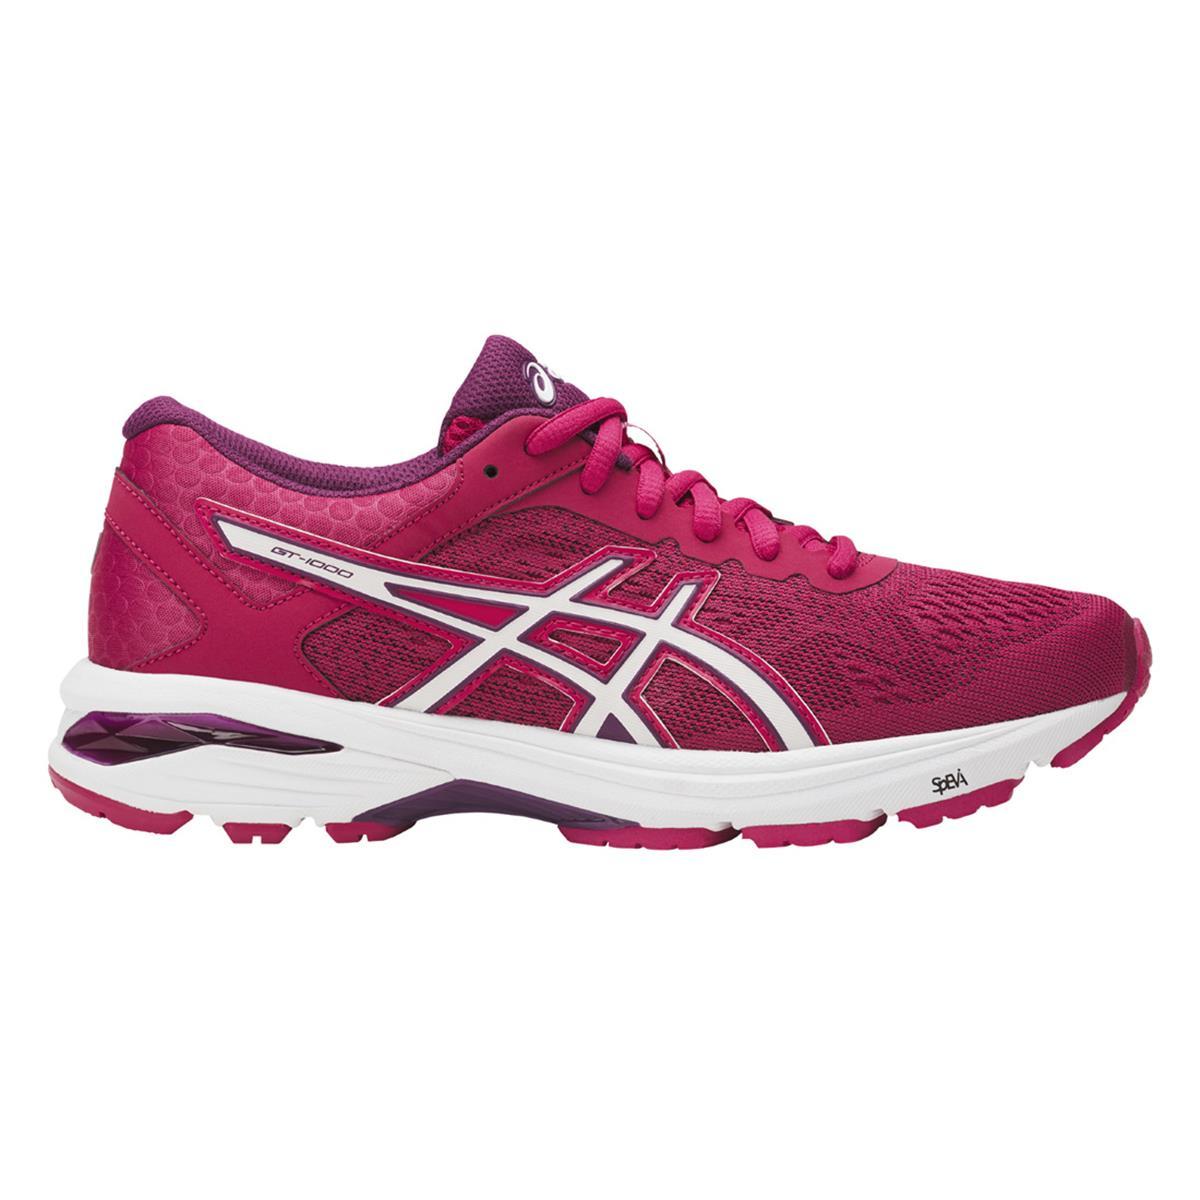 Asics GT 1000 6 Womens Running Shoes | Direct Running